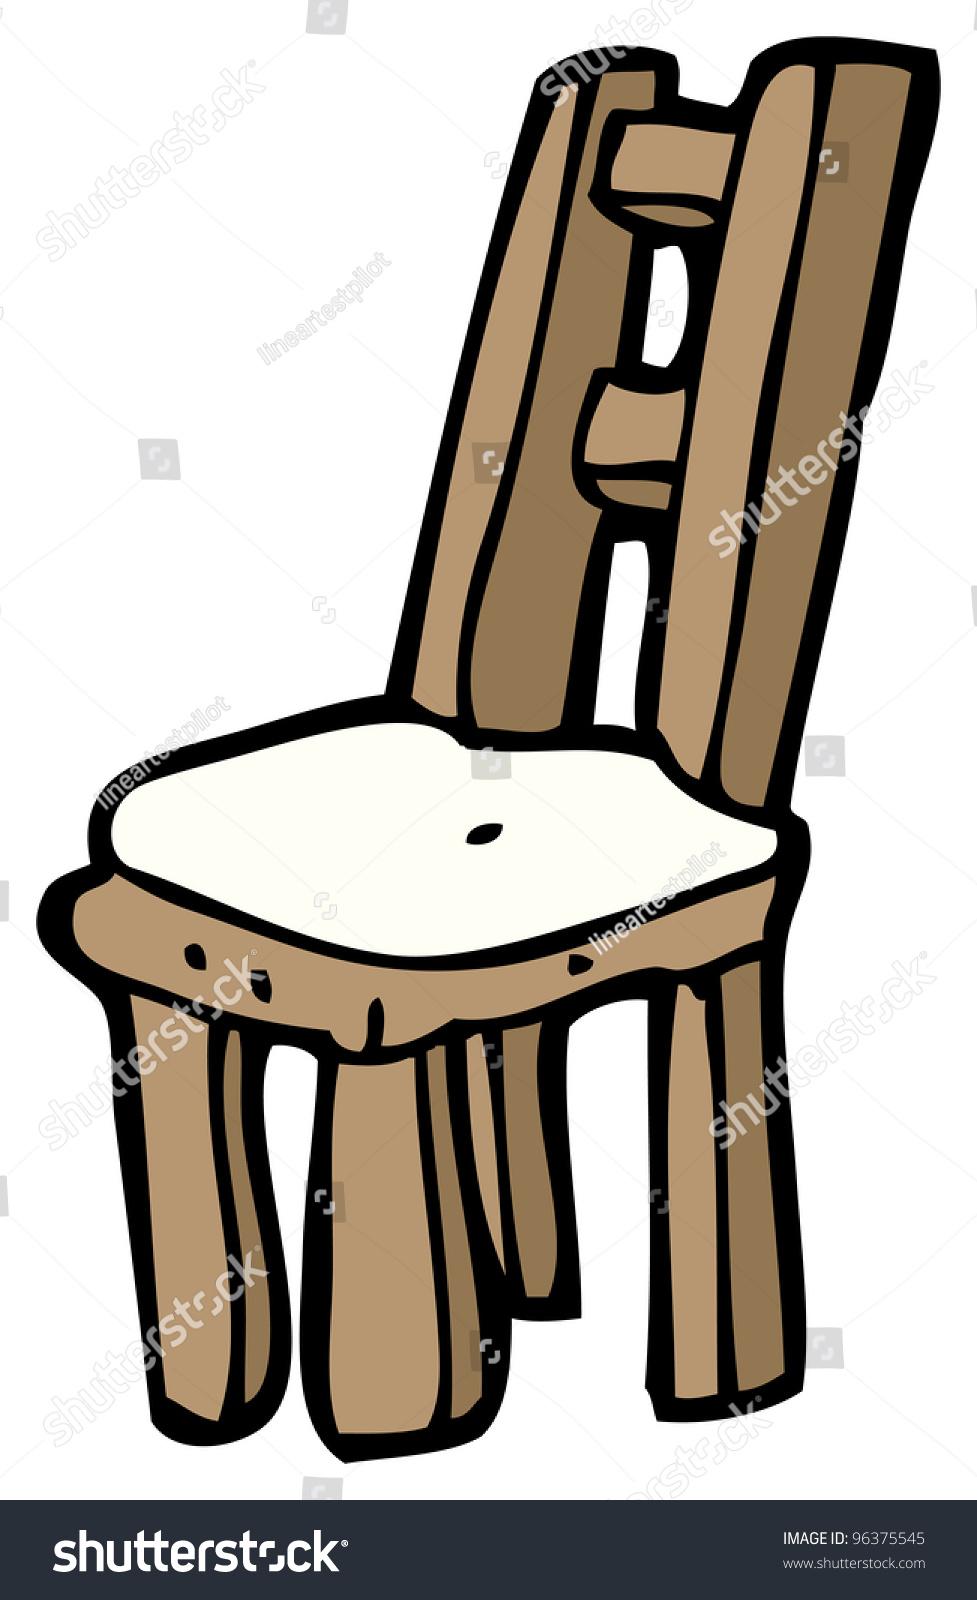 Wooden chair cartoon stock illustration